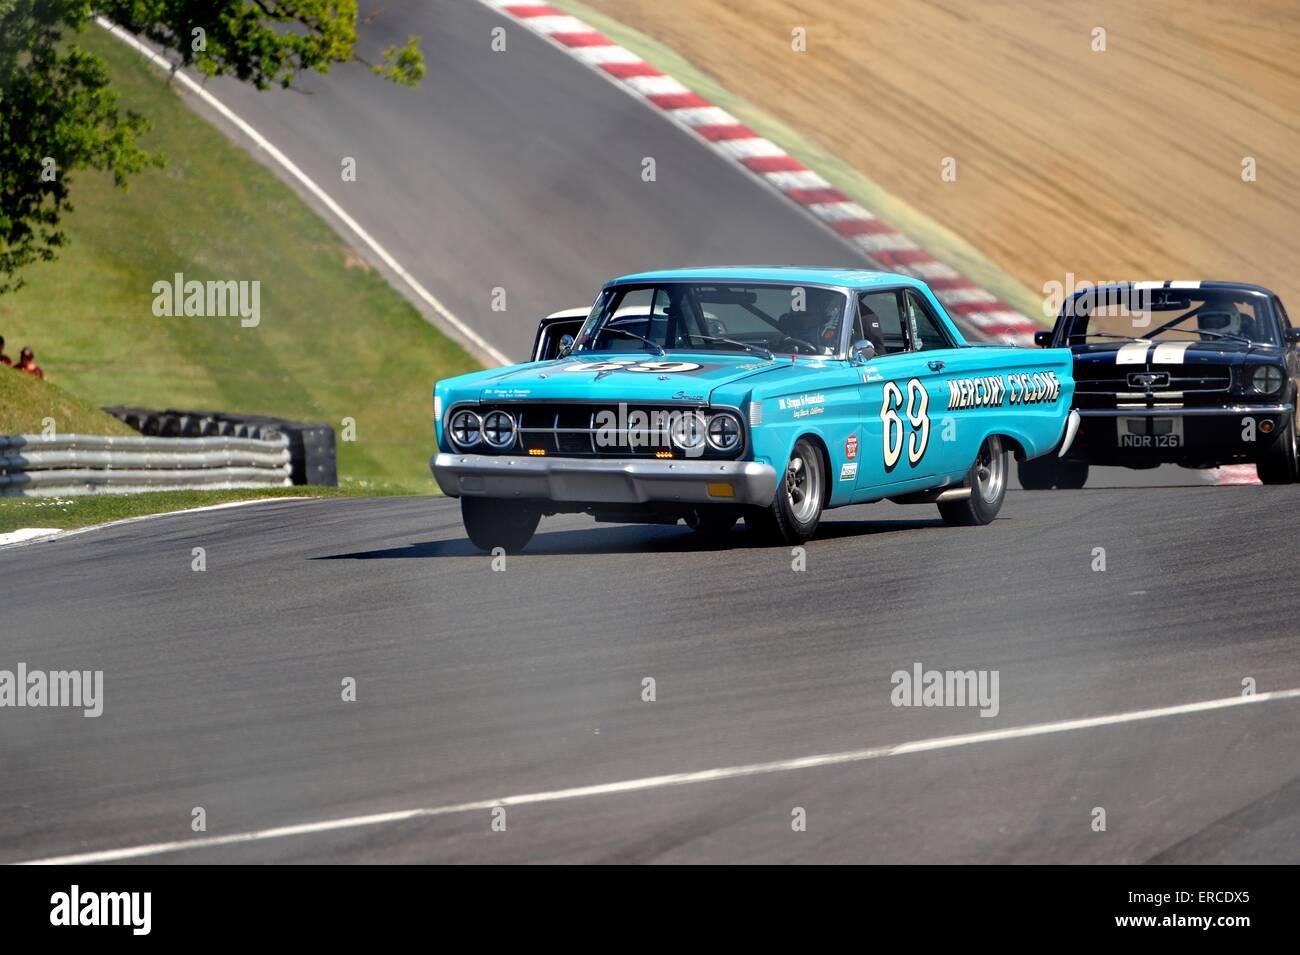 Muscle Car Racing Car Stock Photos & Muscle Car Racing Car Stock ...